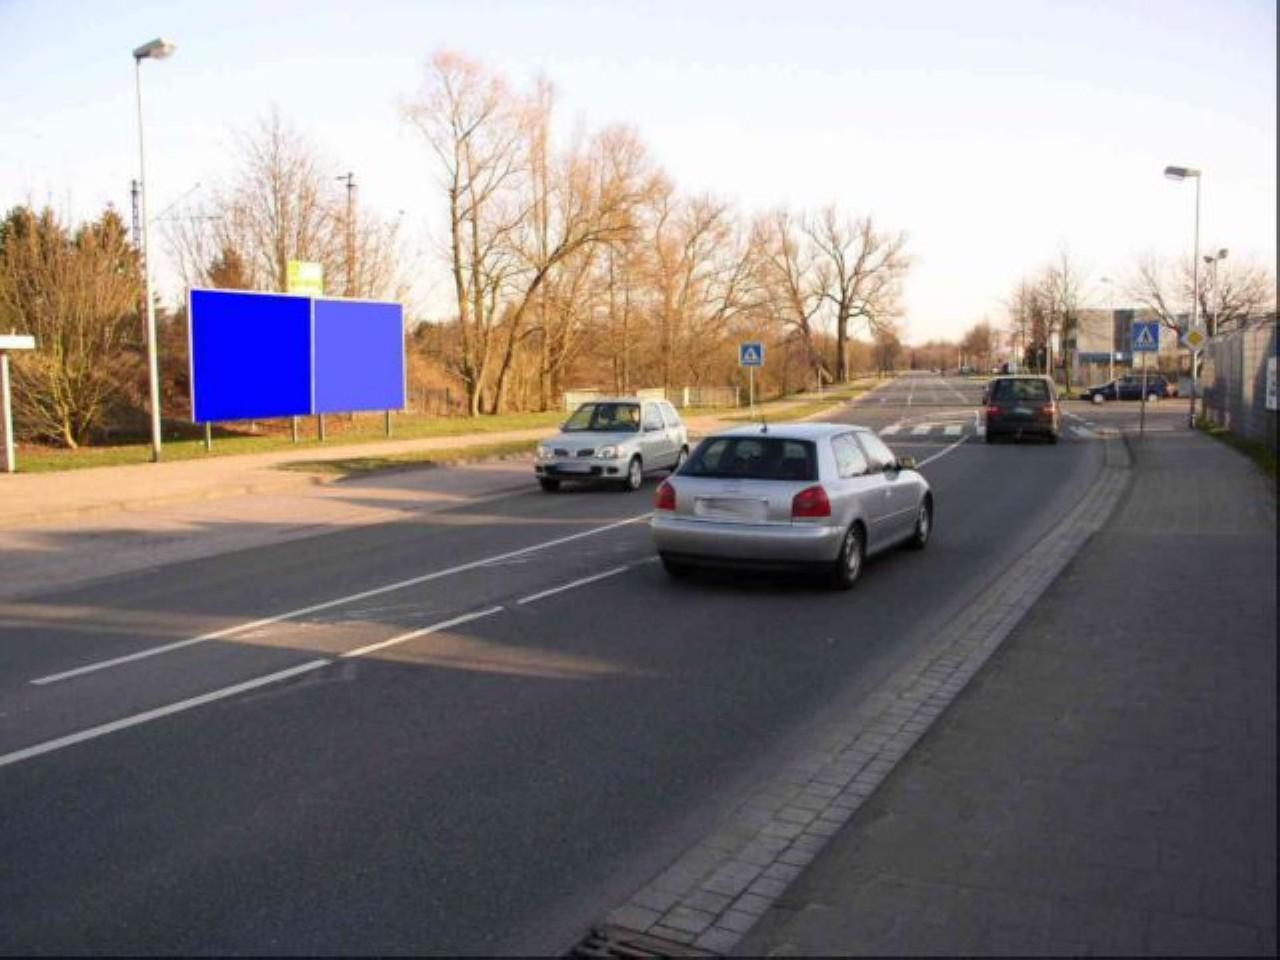 1-2-3-Plakat.de: Plakatwerbung in 31785 Hameln